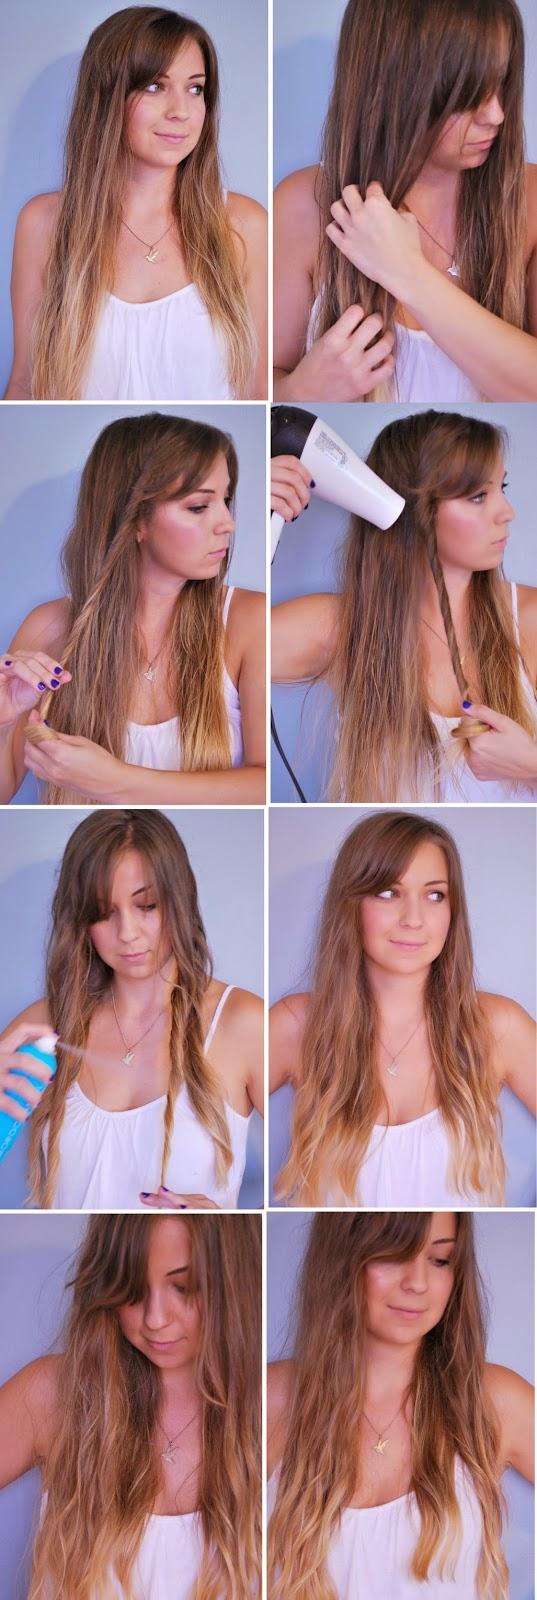 blow dryer waves   frisuren tipps, frisuren und hübsche